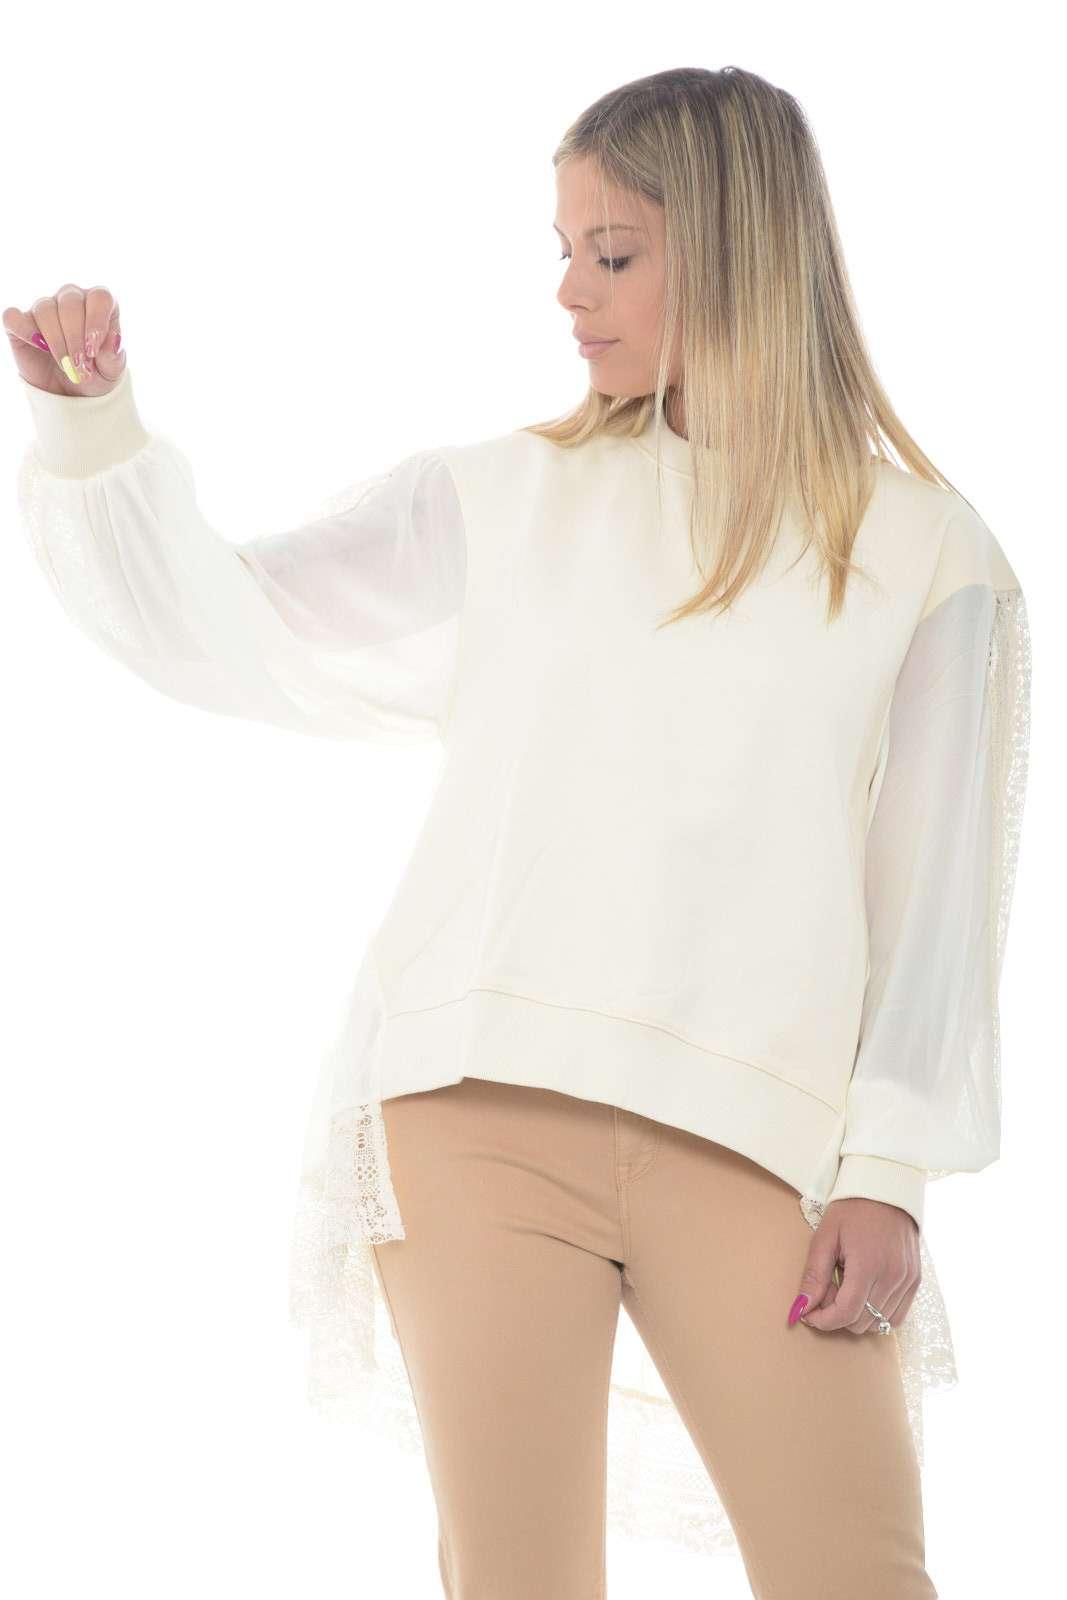 Una felpa dalla vestibilità morbida quella proposta dalla collezione Twinset. Femminile e versatile, per la donna che va alla ricerca di outfit sempre diversi e alla moda. Perfetta se abbinate ad un pantalone o un jeans.